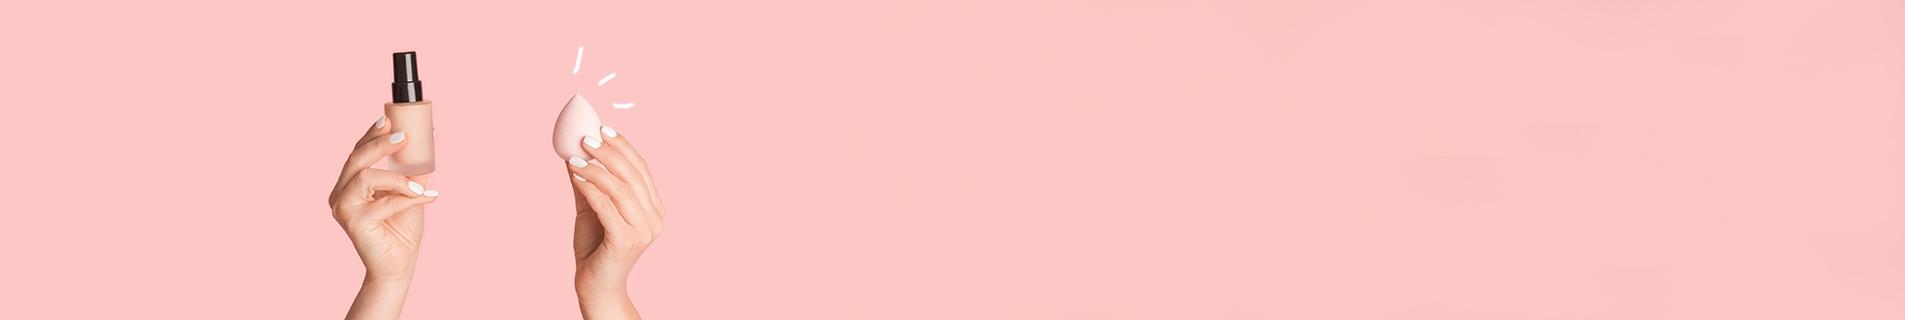 Maquillage Revlon pas cher | Boutique de maquillage en ligne | SAGA Cosmetics